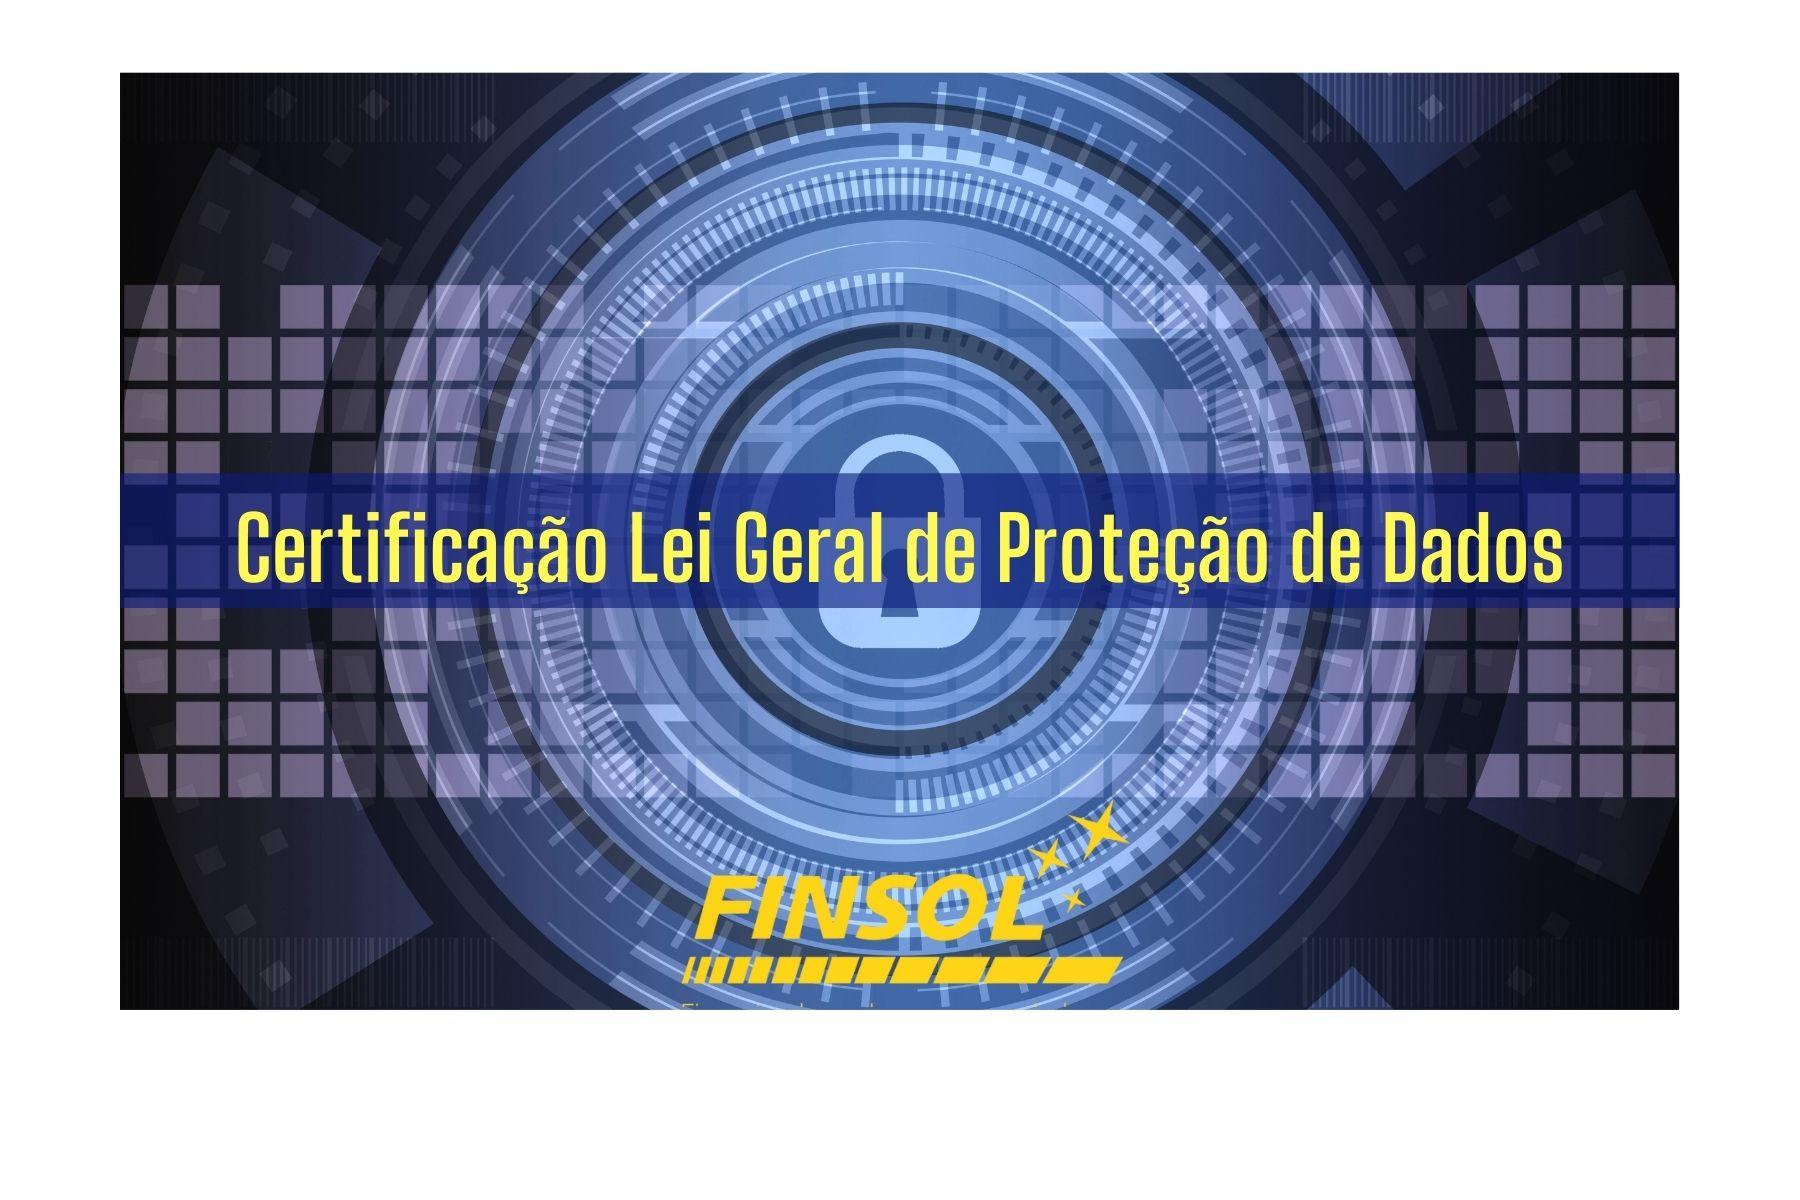 Certificação Lei Geral de Proteção de Dados